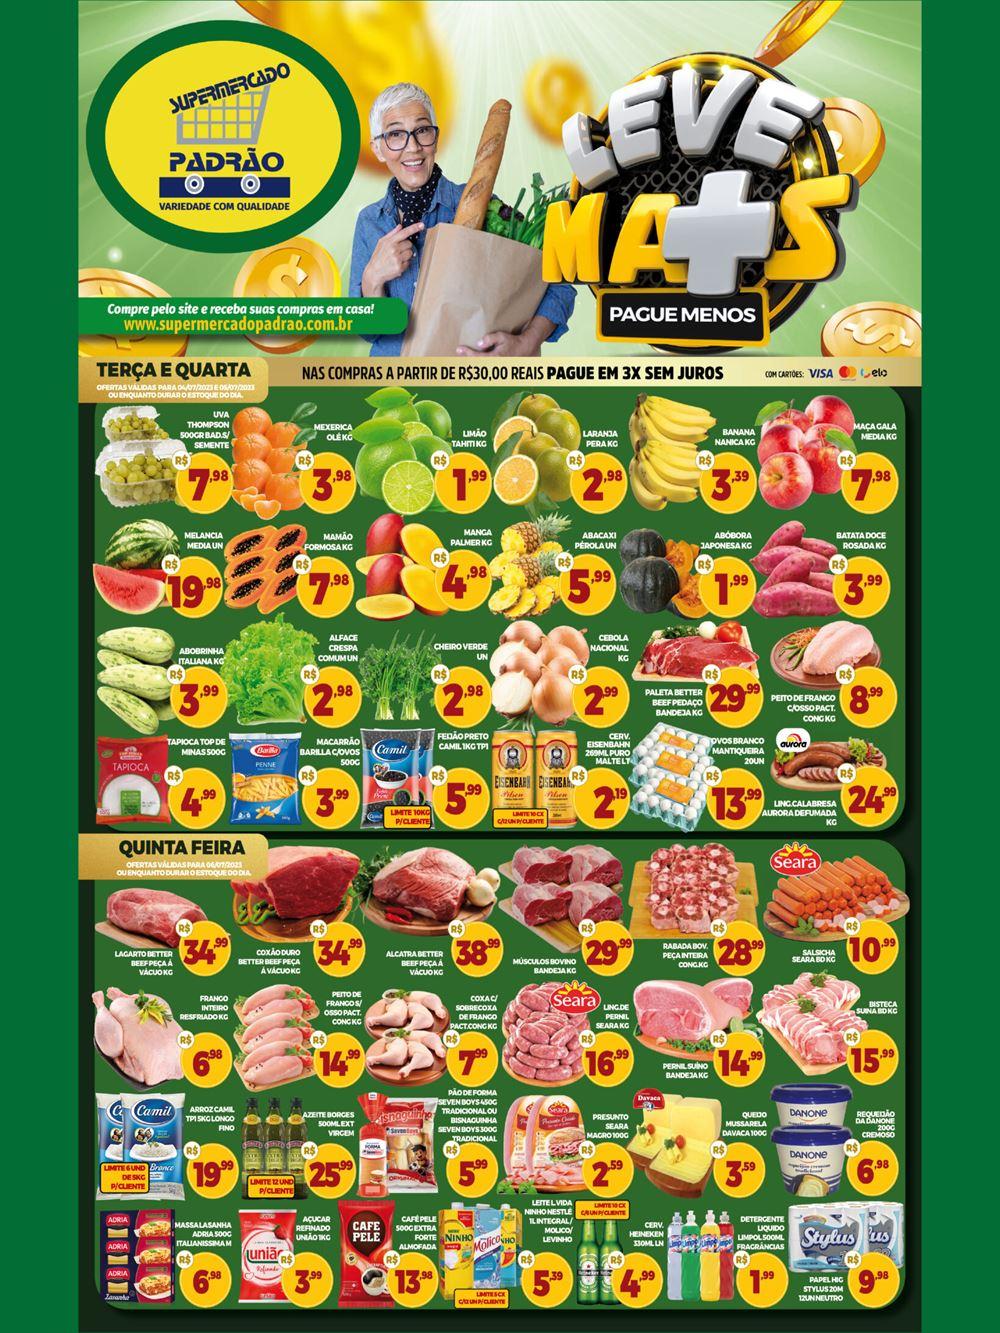 padrao-ofertas-descontos-hoje1-26 Ofertas de supermercados